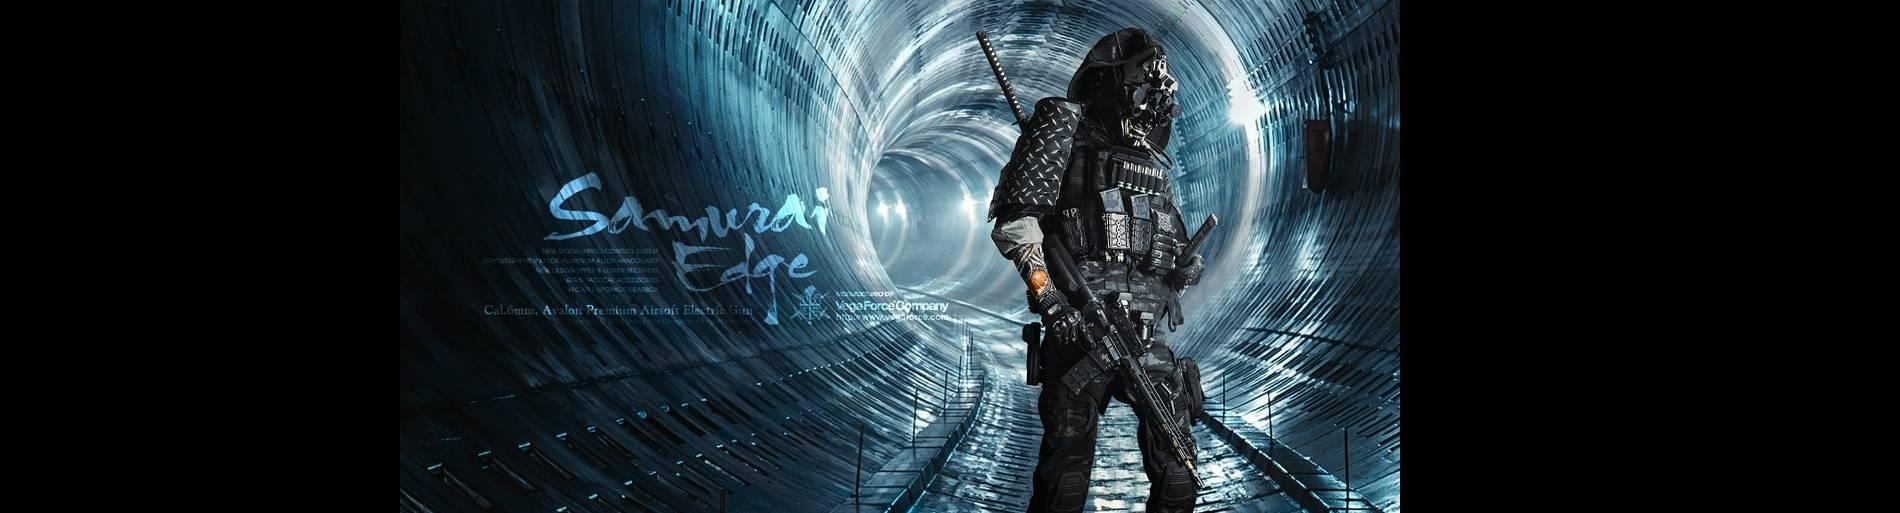 VFC AVALON Premium Series - Samurai Edge